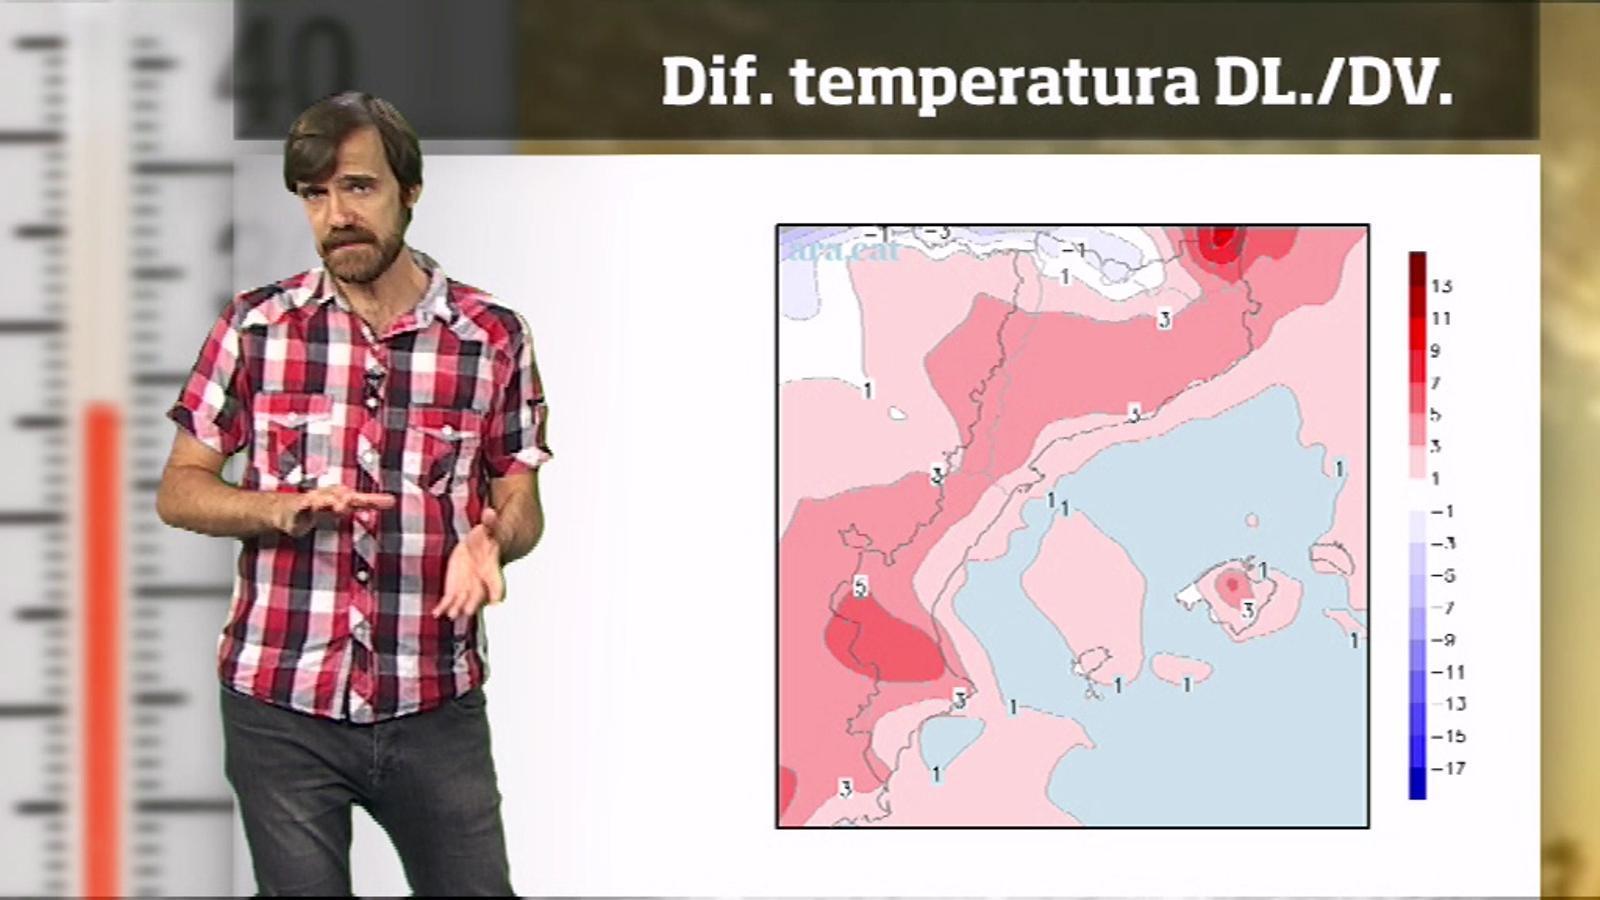 La méteo en 1 minut: un altre episodi de calor extrema per Sant Joan